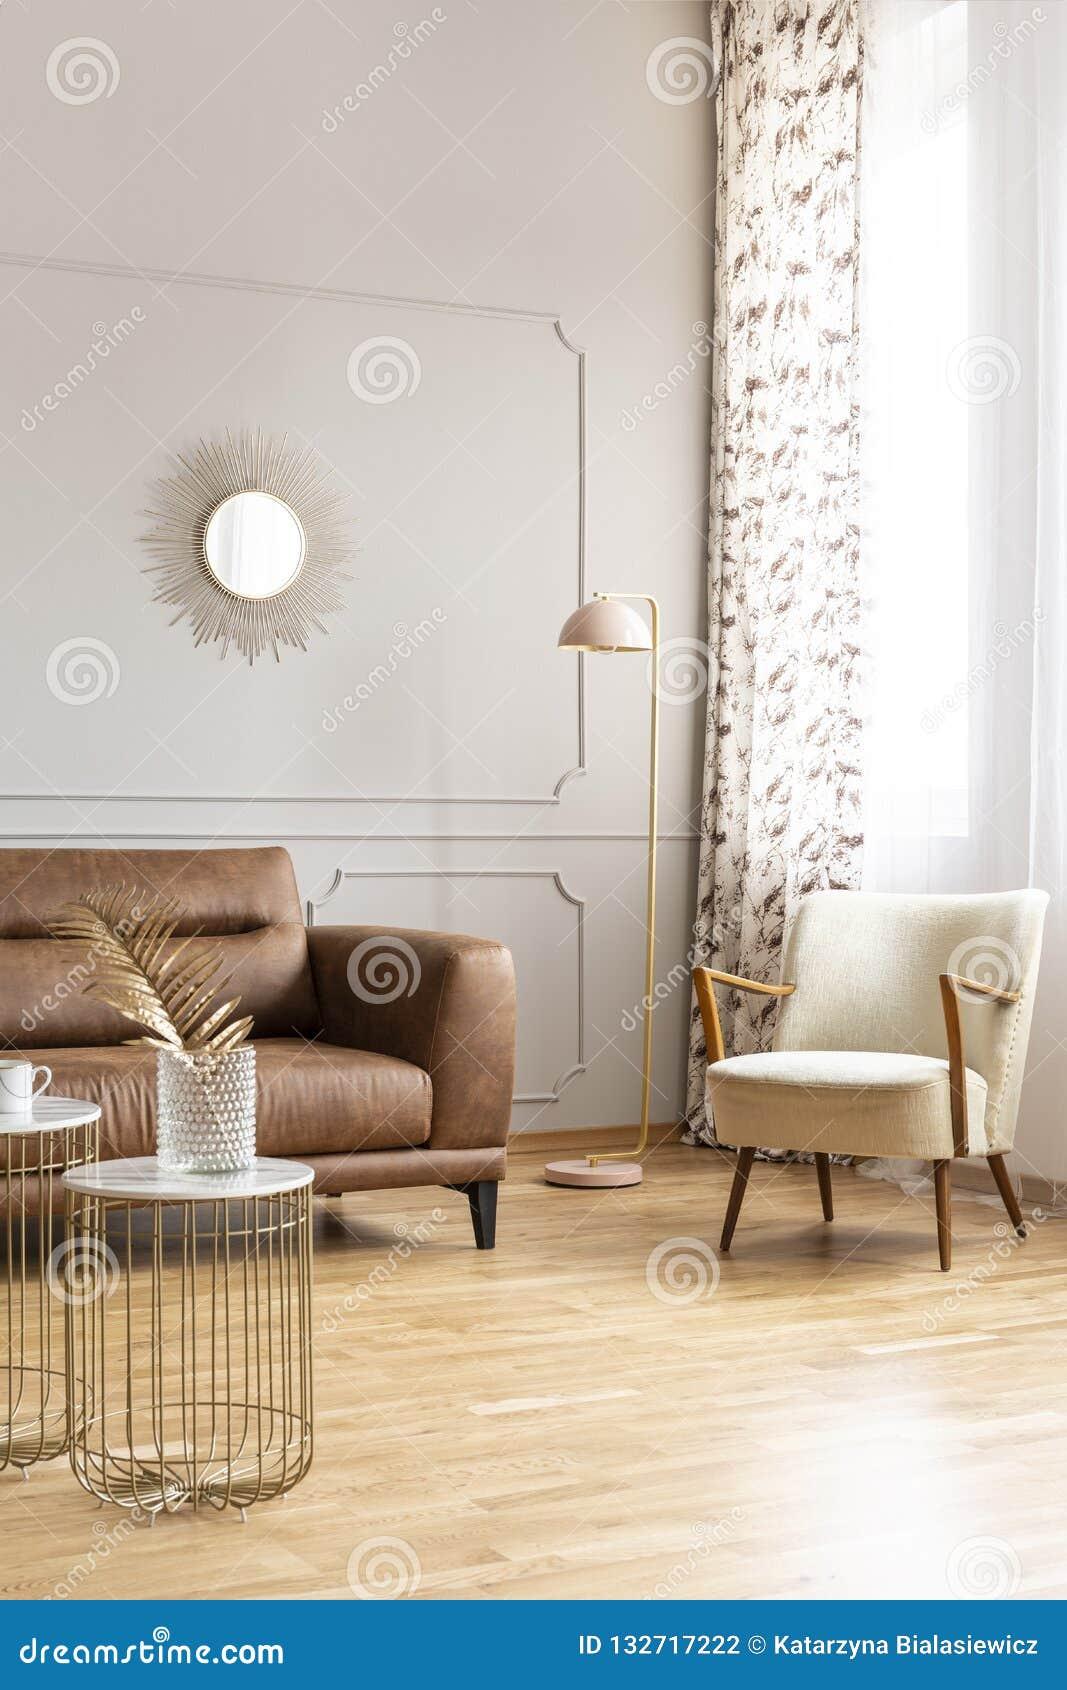 Lampe placée dans le coin de l intérieur lumineux de salon avec le miroir décoratif sur le mur avec le bâti, fenêtre avec